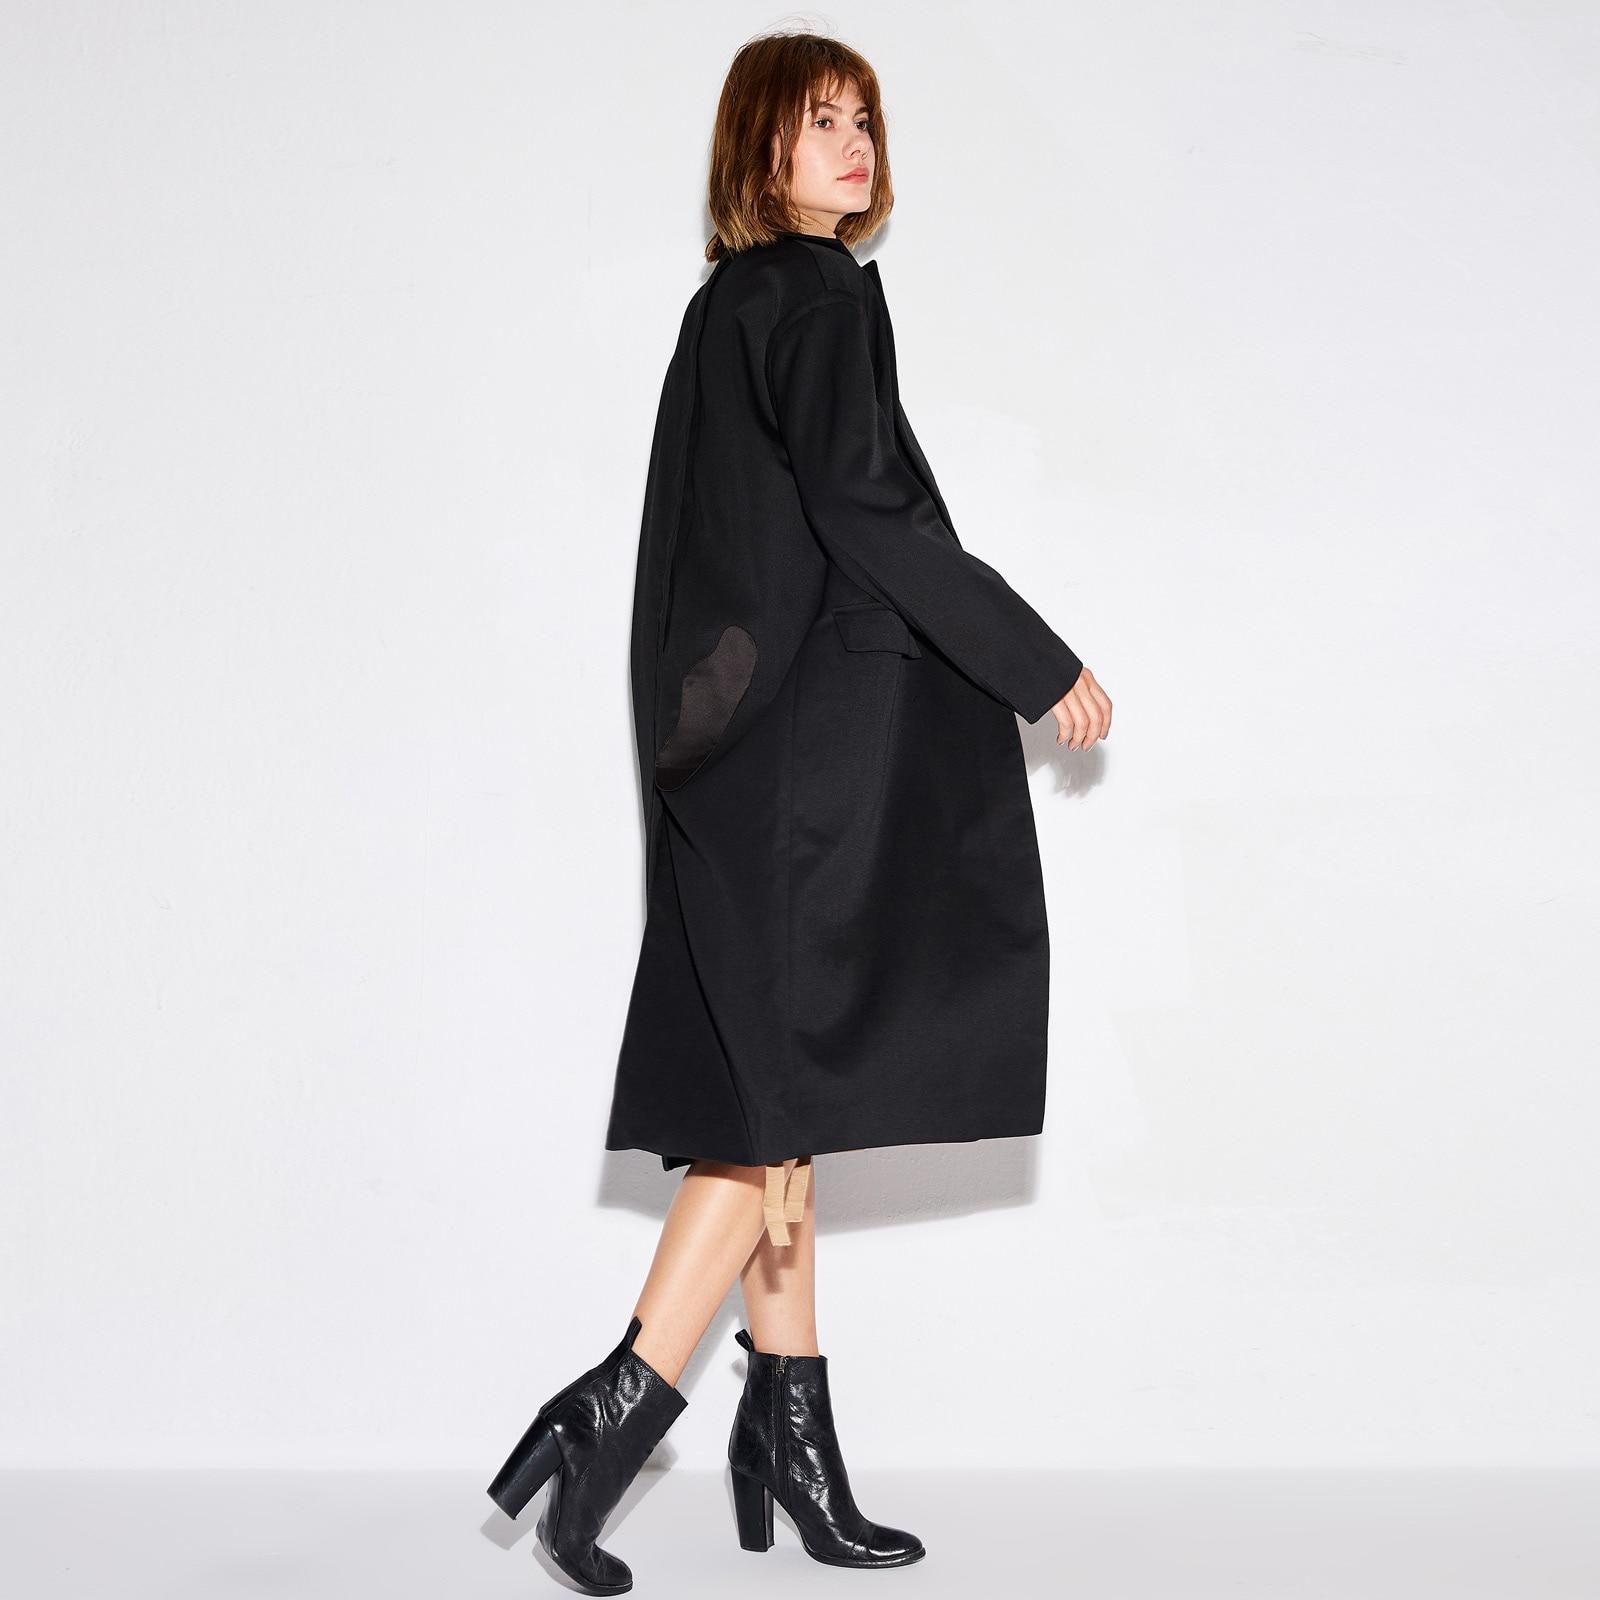 Black Amii Manteaux Cardigan Lâche Noir Coat Bureau Oversize De Wool 2018 Mode Automne Longue Femmes Solide Tranchée Poches Minimaliste Hiver Manteau fgY7vmIby6